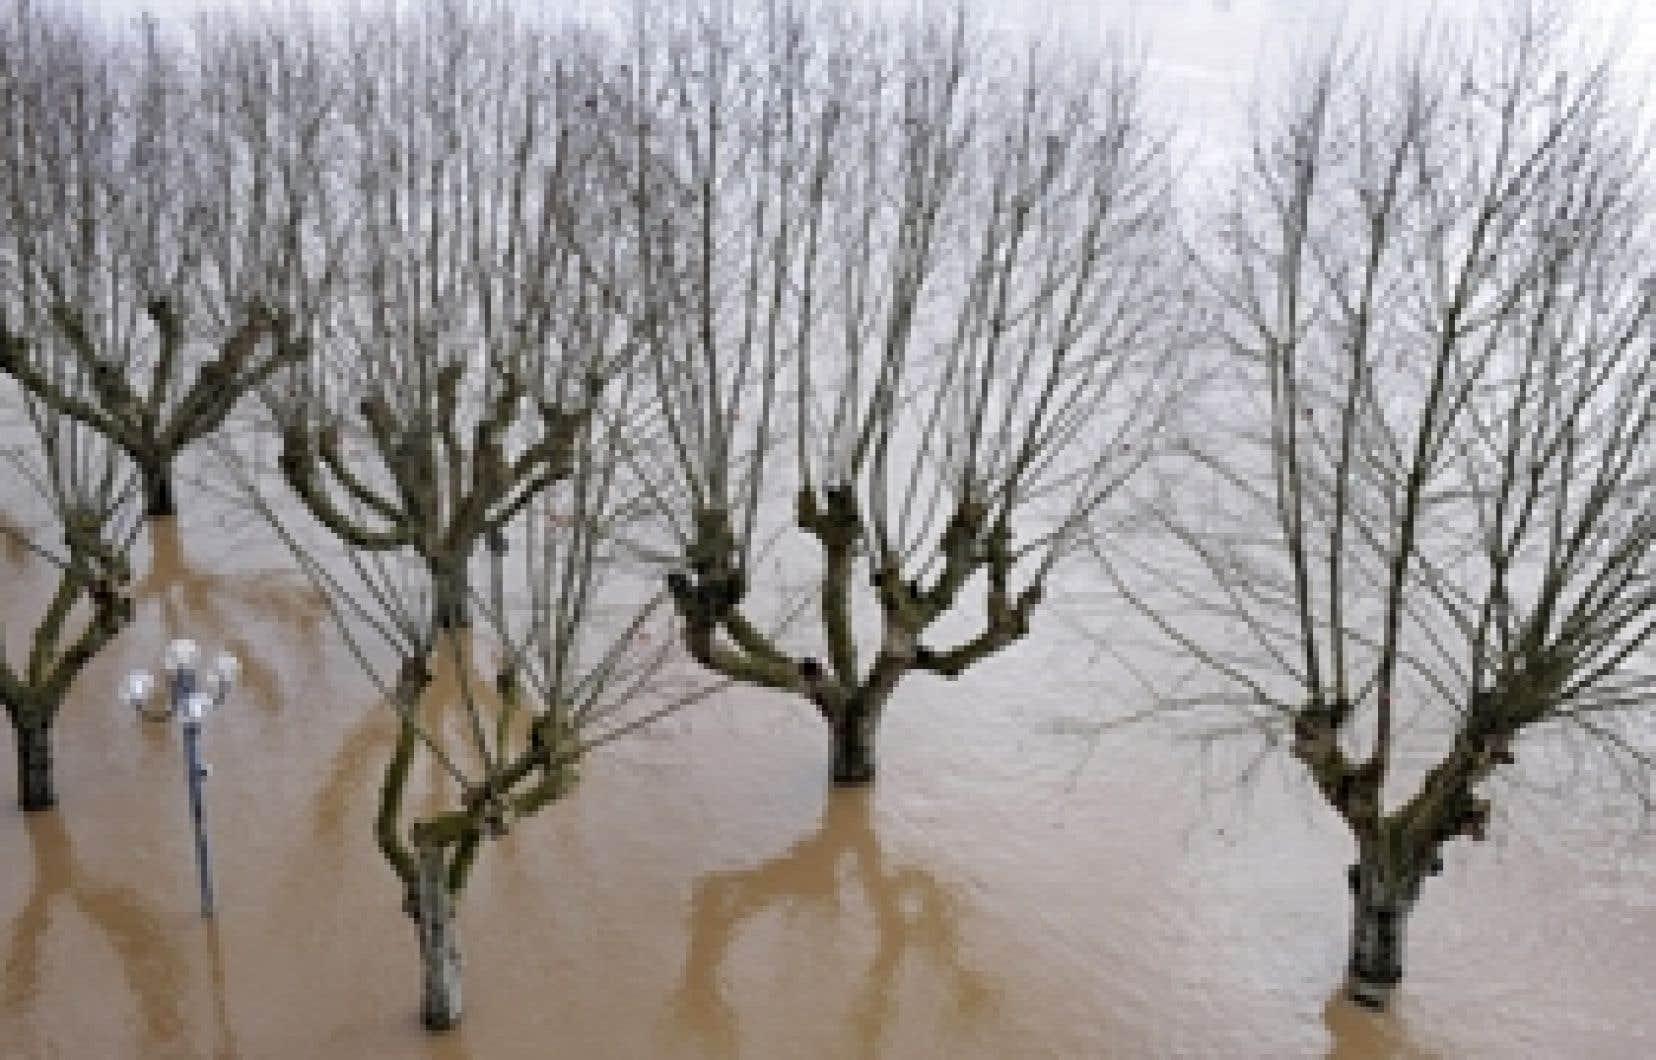 Le pieds dans l'eau! Dans les Landes, la forêt, poumon économique, est ravagée à 60 % ou 70 %, comme ici à La Réole.